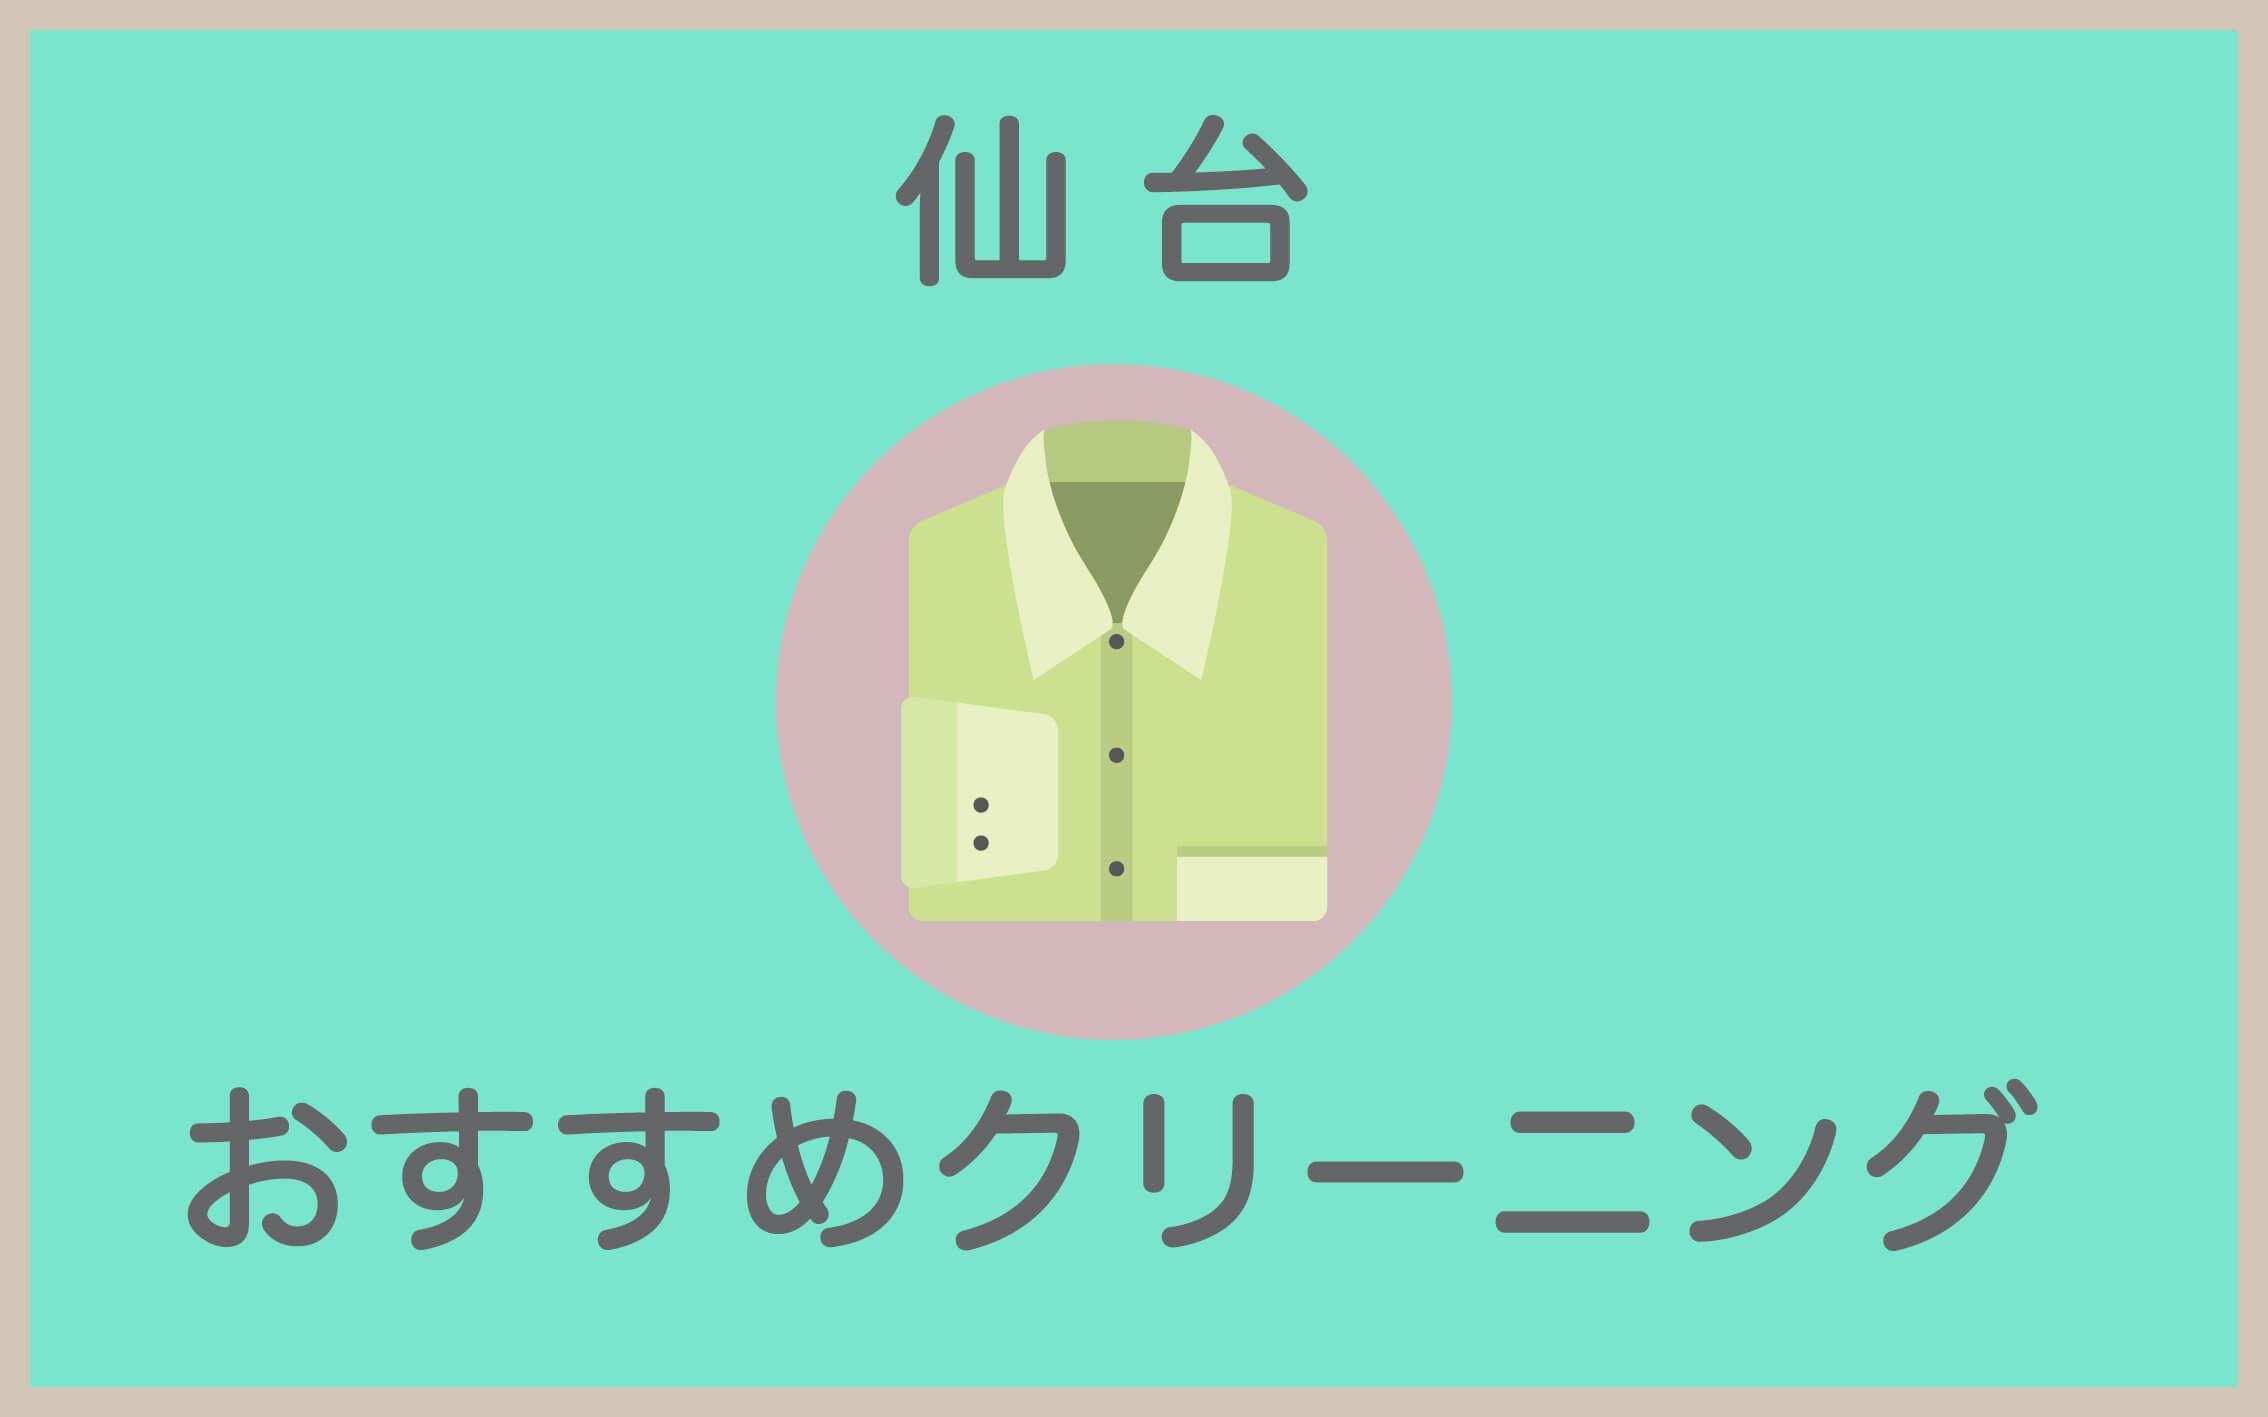 仙台のおすすめクリーニング